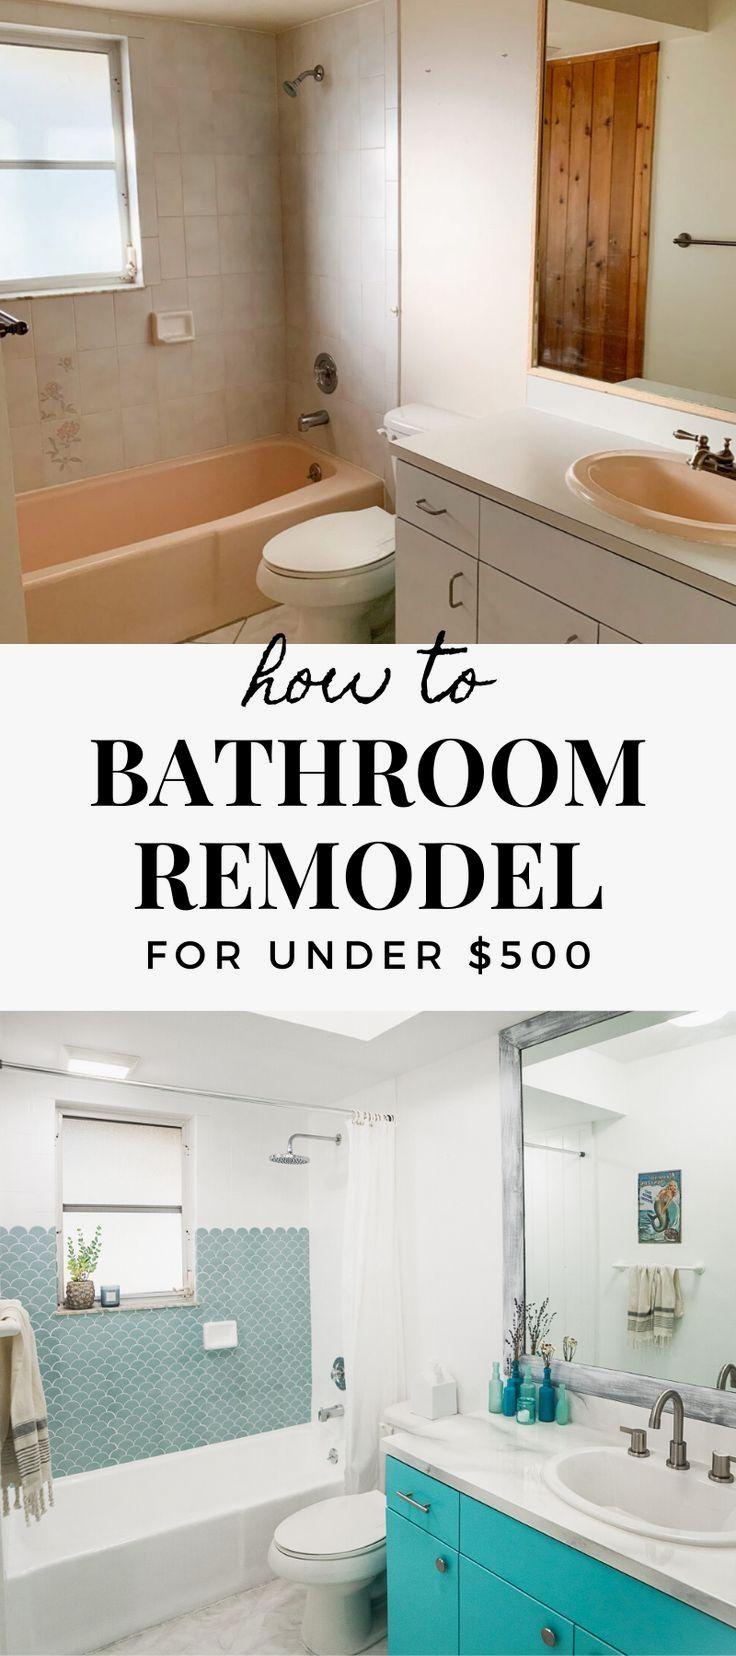 Diy Bathroom Remodel For Under 500 Affordable Bathroom Remodel Simple Bathroom Remodel Cheap Bathroom Remodel